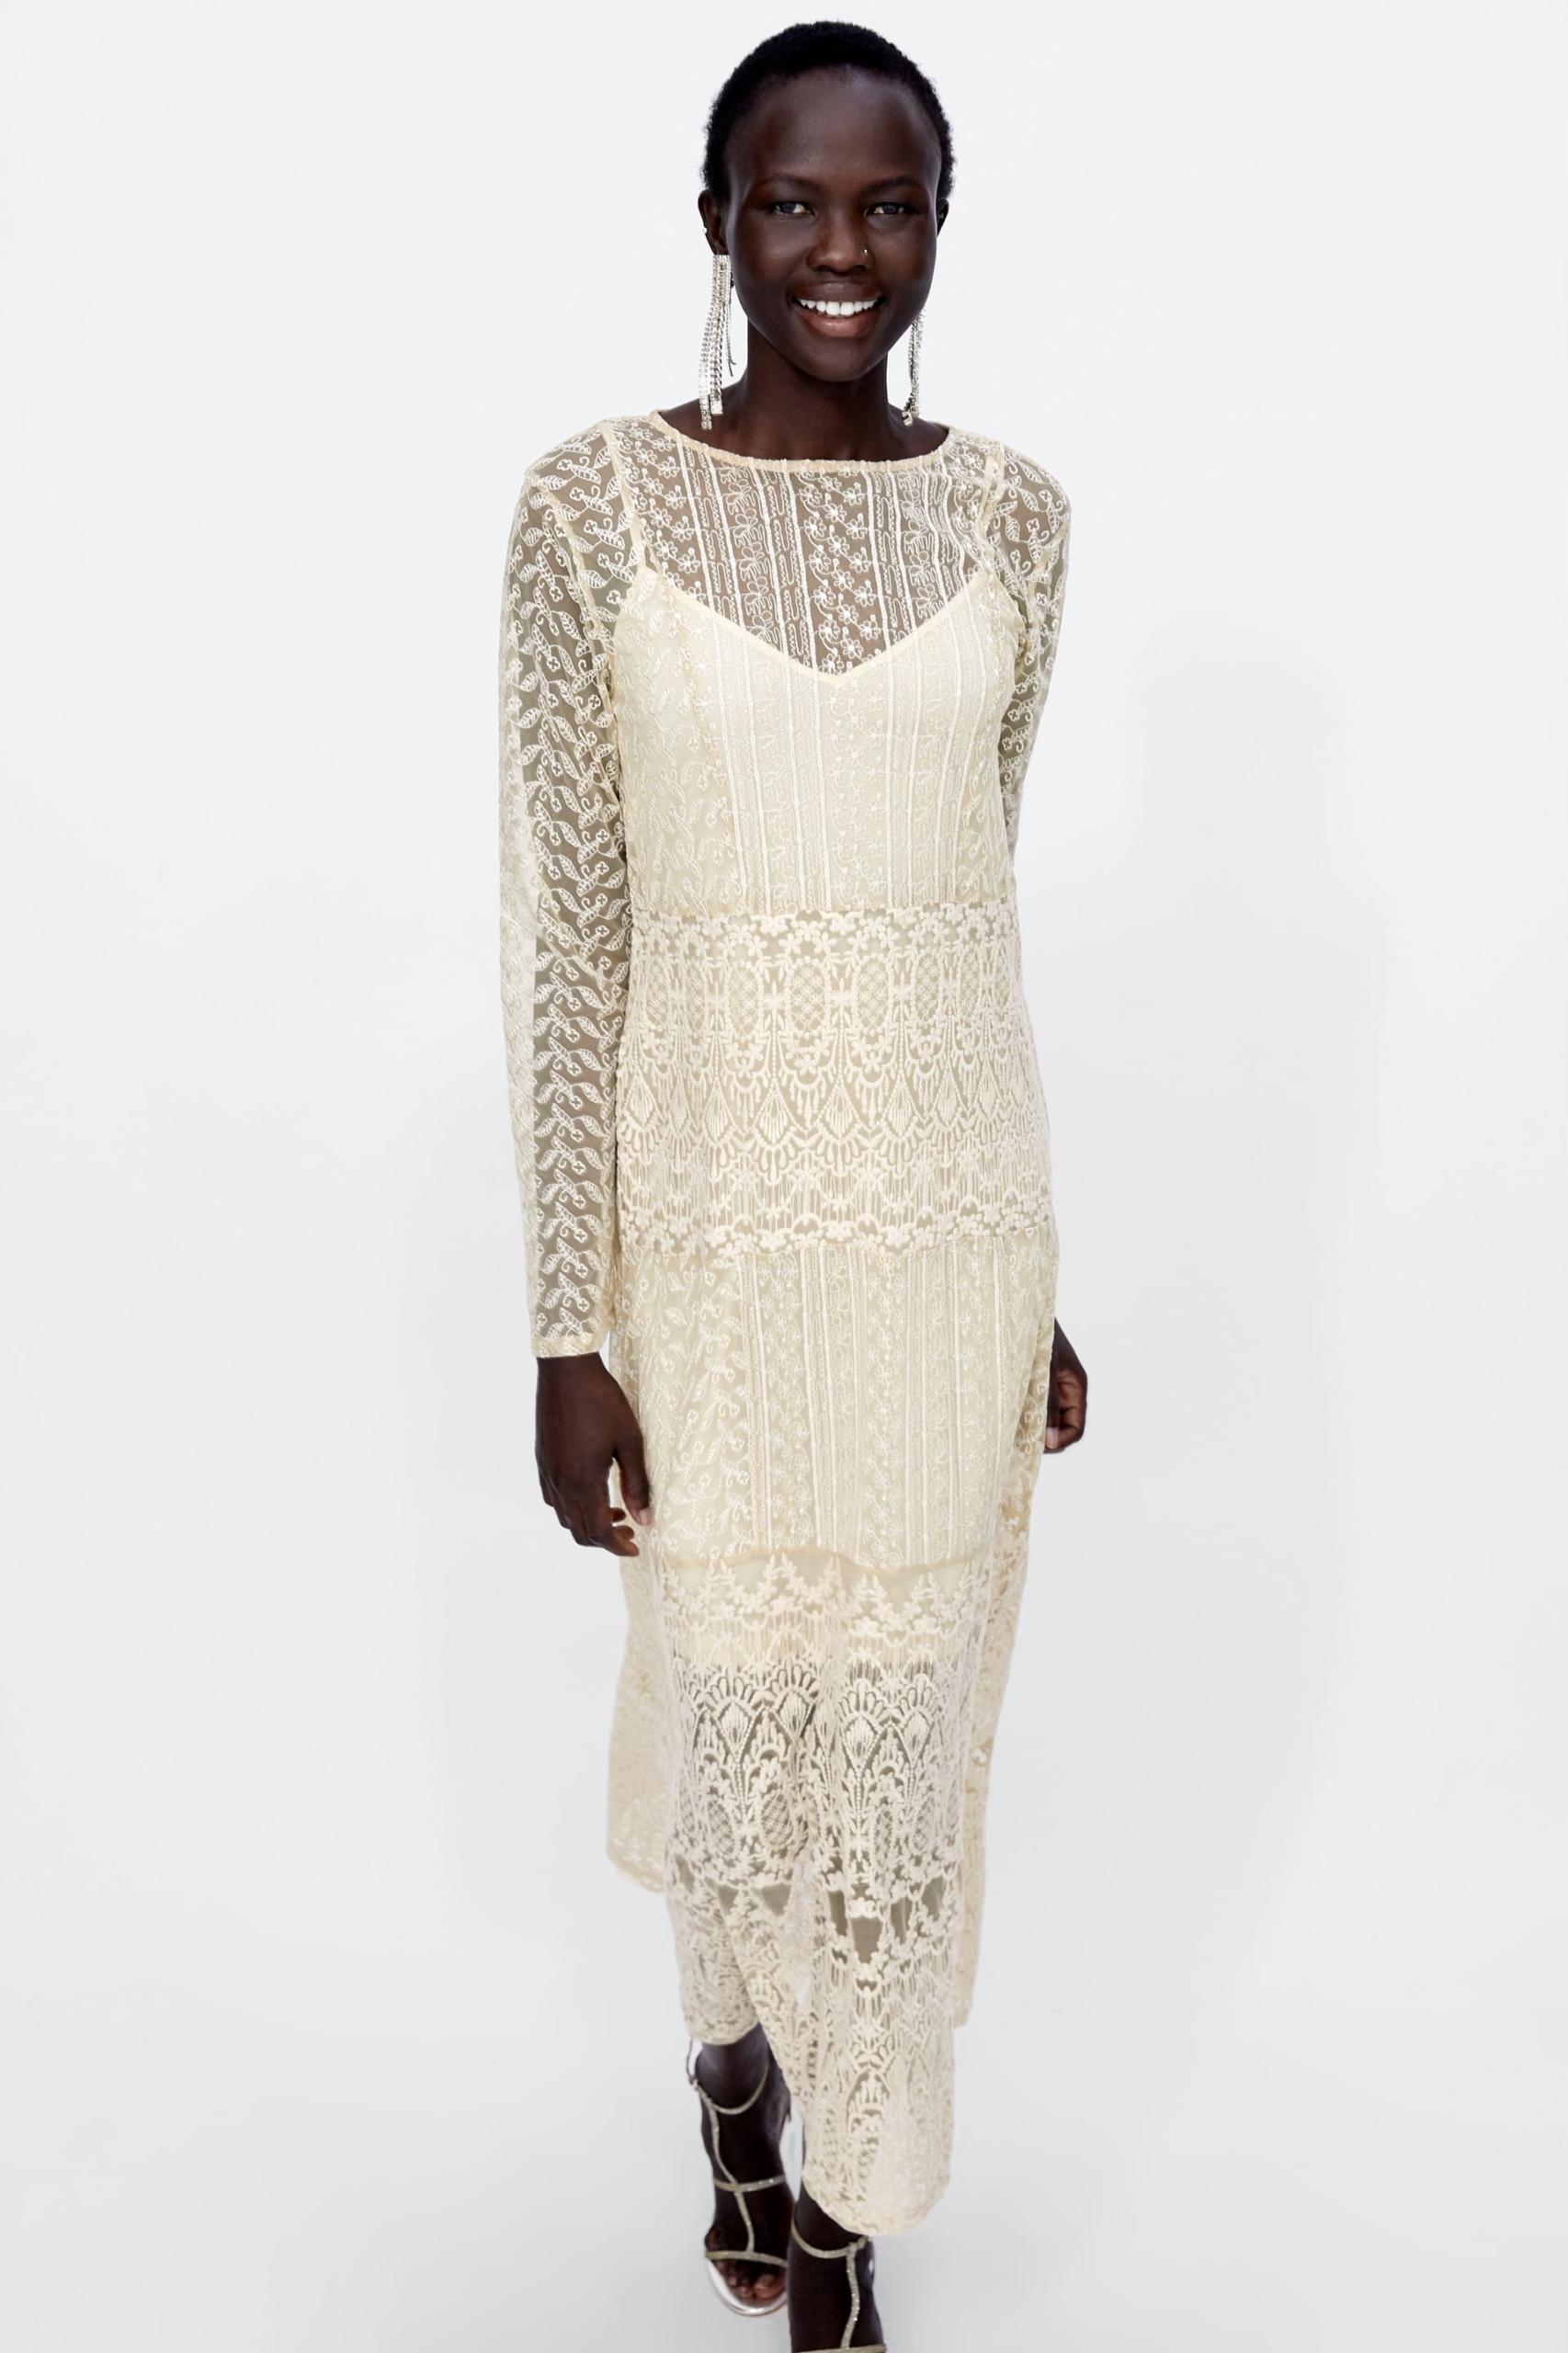 2402d38065 Luksusowa Sukienka Maxi z Koronki - Zara S - 7628262122 - oficjalne ...